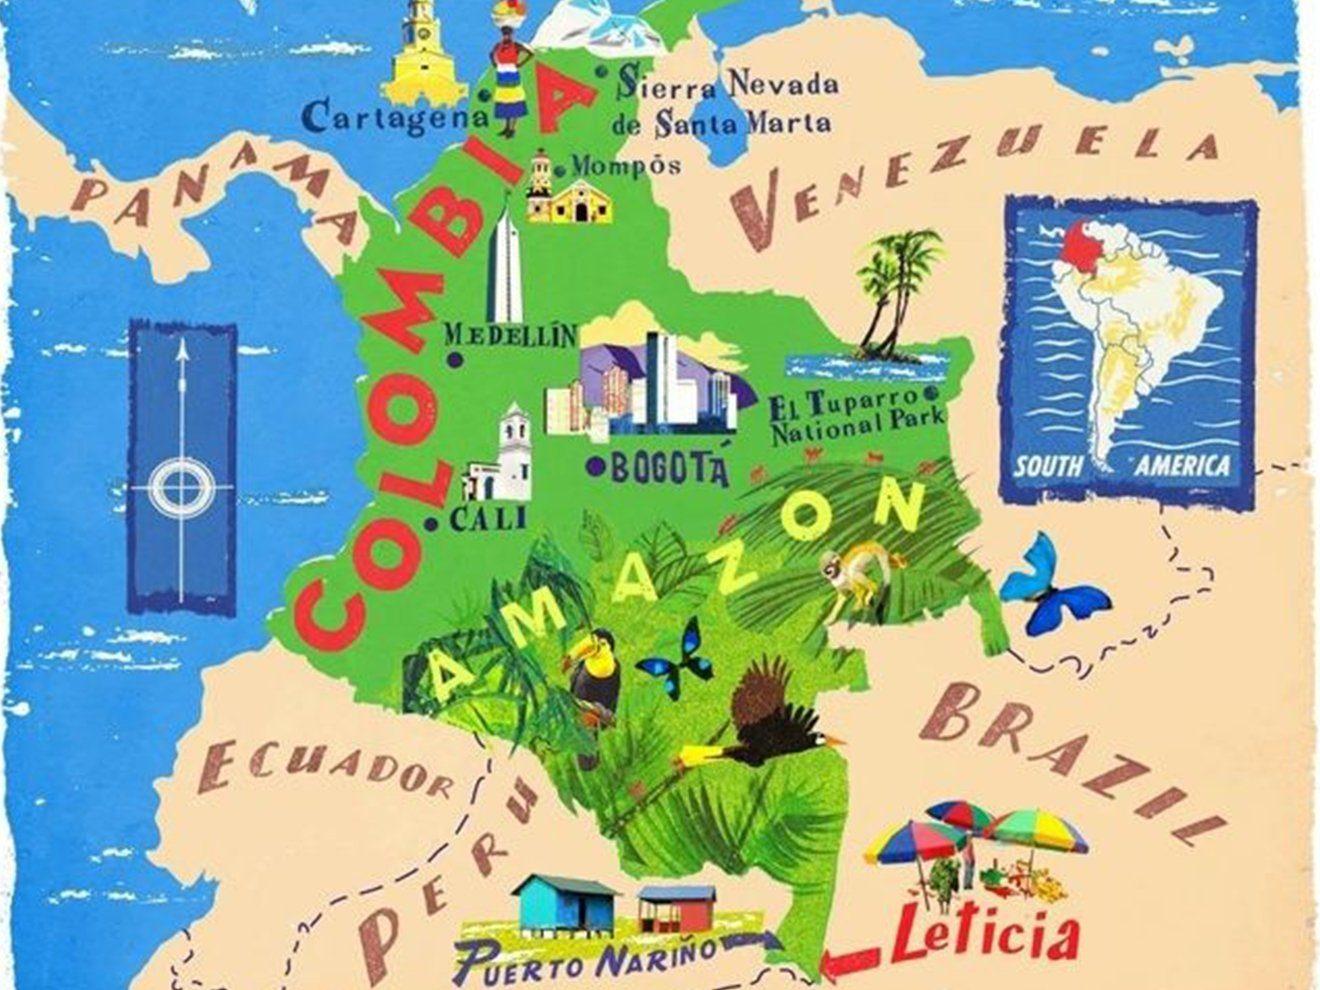 Bogotá location